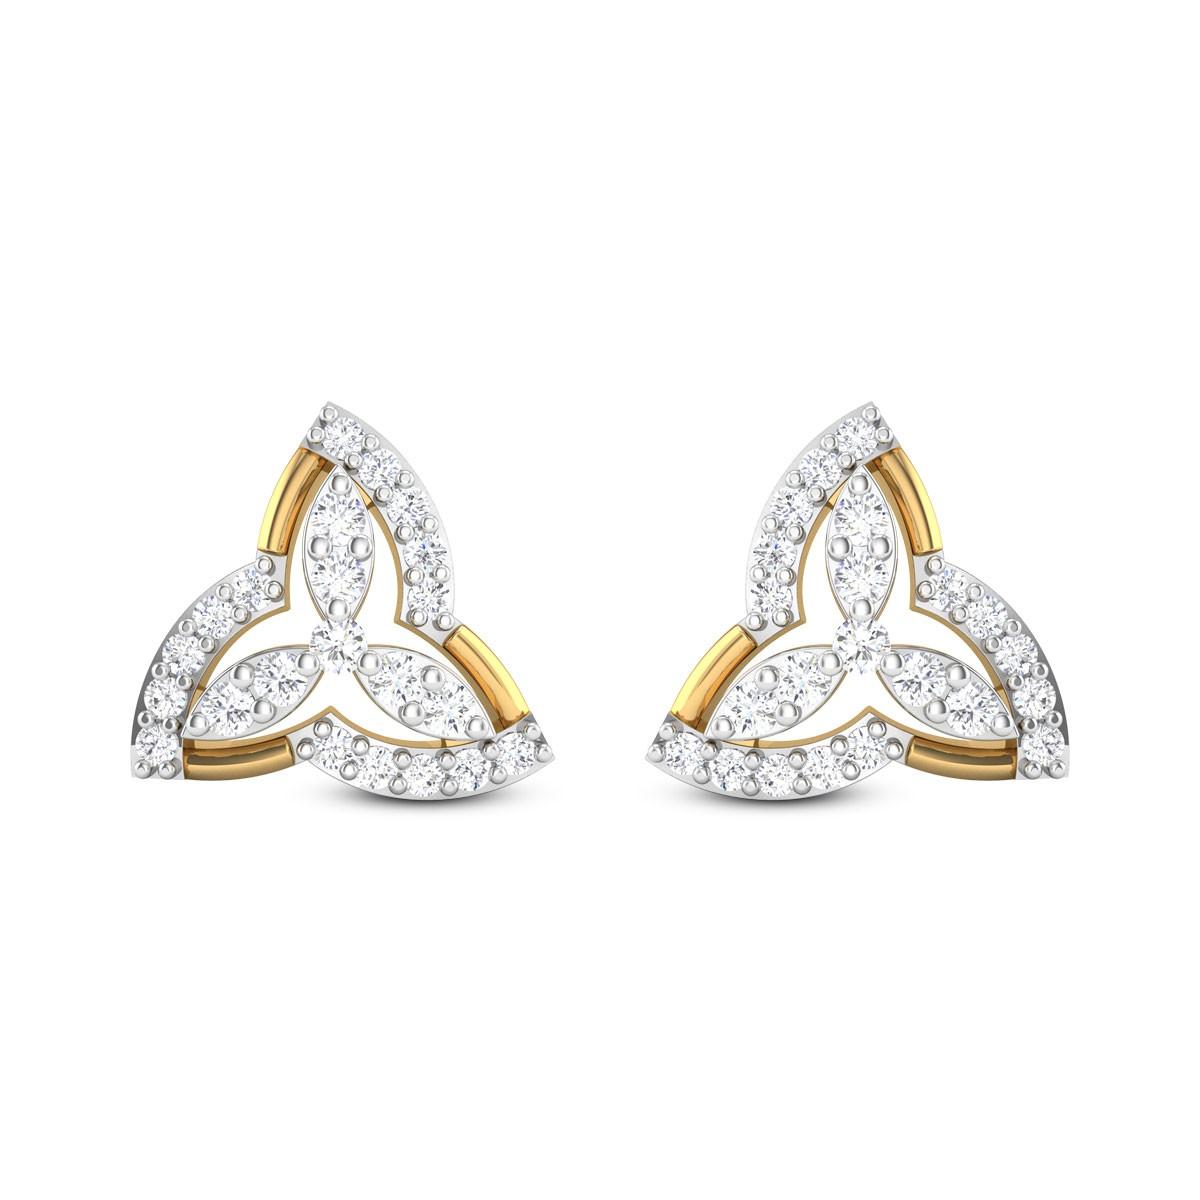 Fabia Diamond Earrings